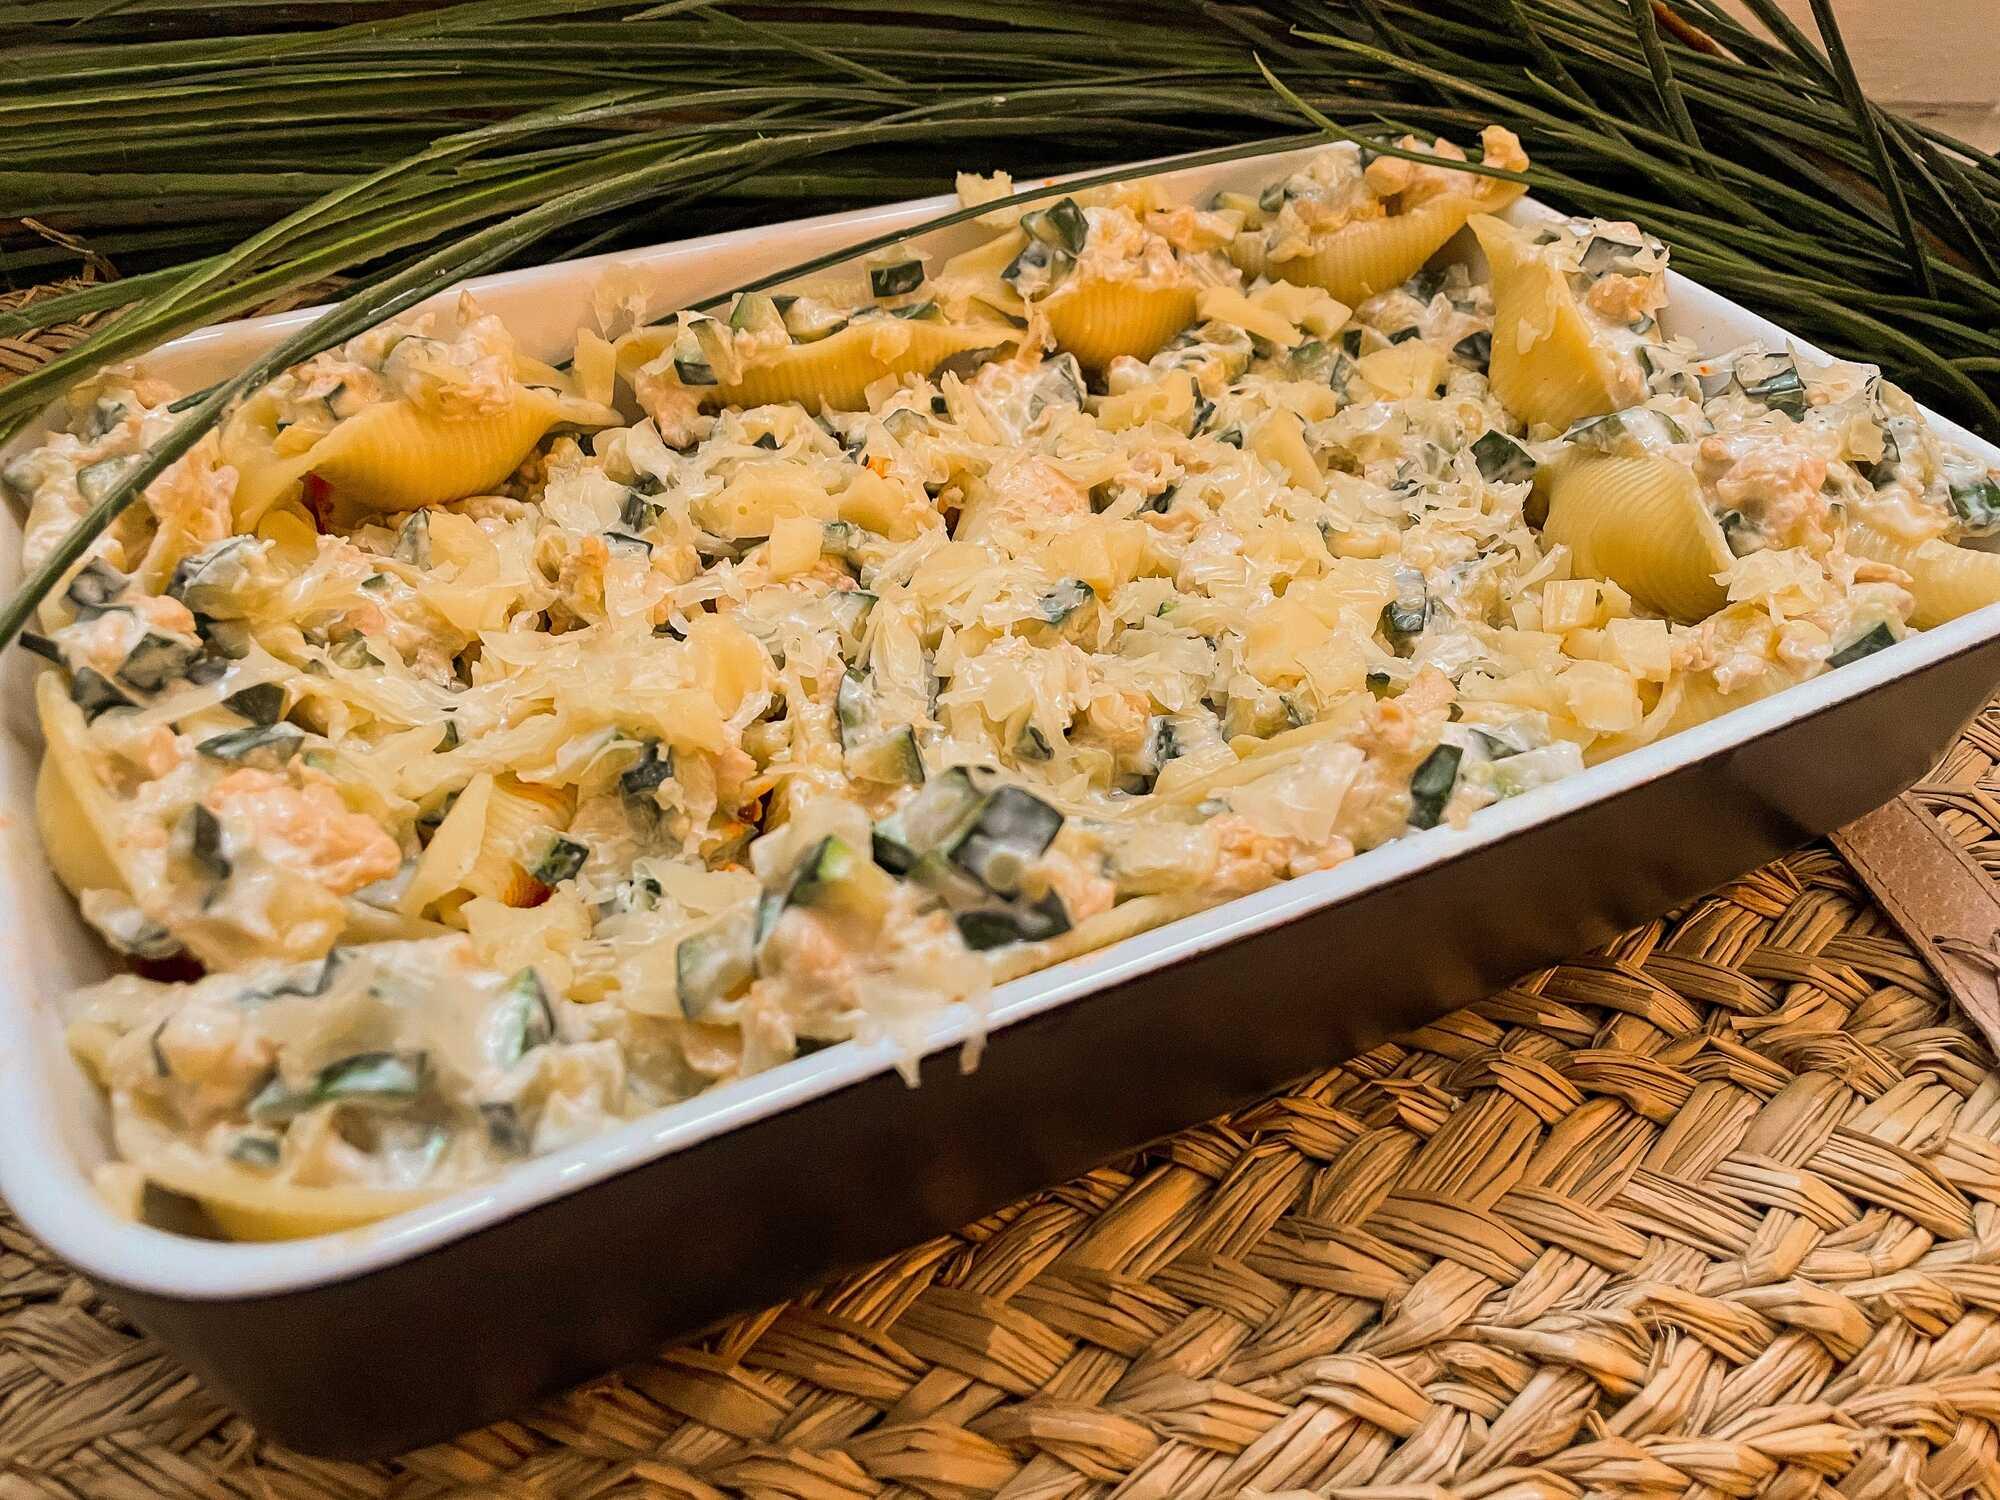 Les conchiglionis farcis aux courgettes, st-moret et poulet sont présentés dans un plat à gratin noir avec en arrière plan une plante.